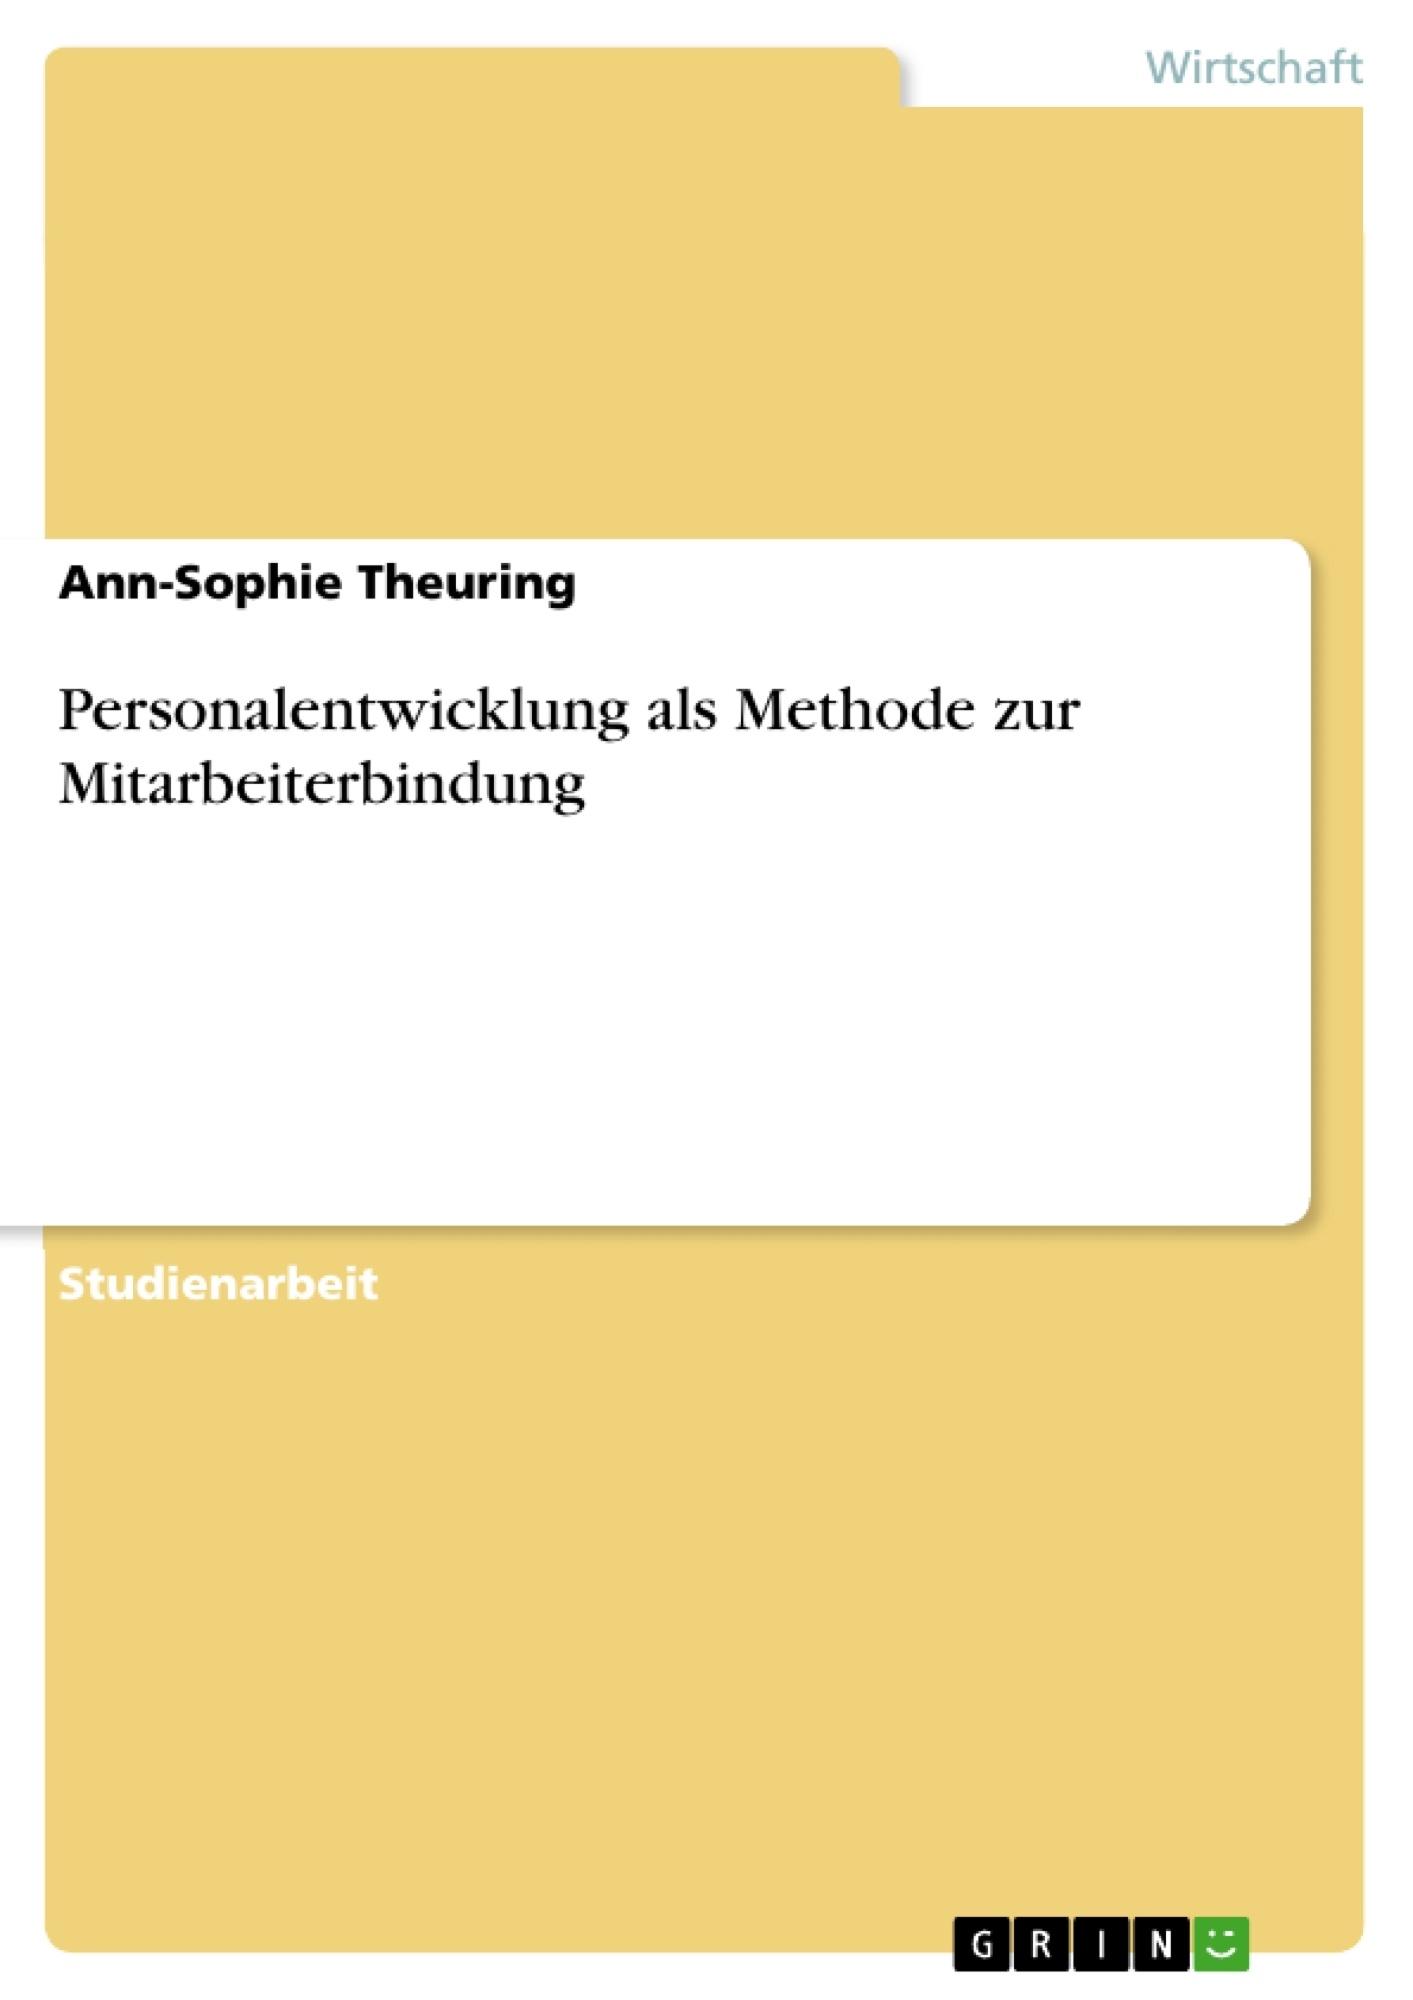 Titel: Personalentwicklung als Methode zur Mitarbeiterbindung